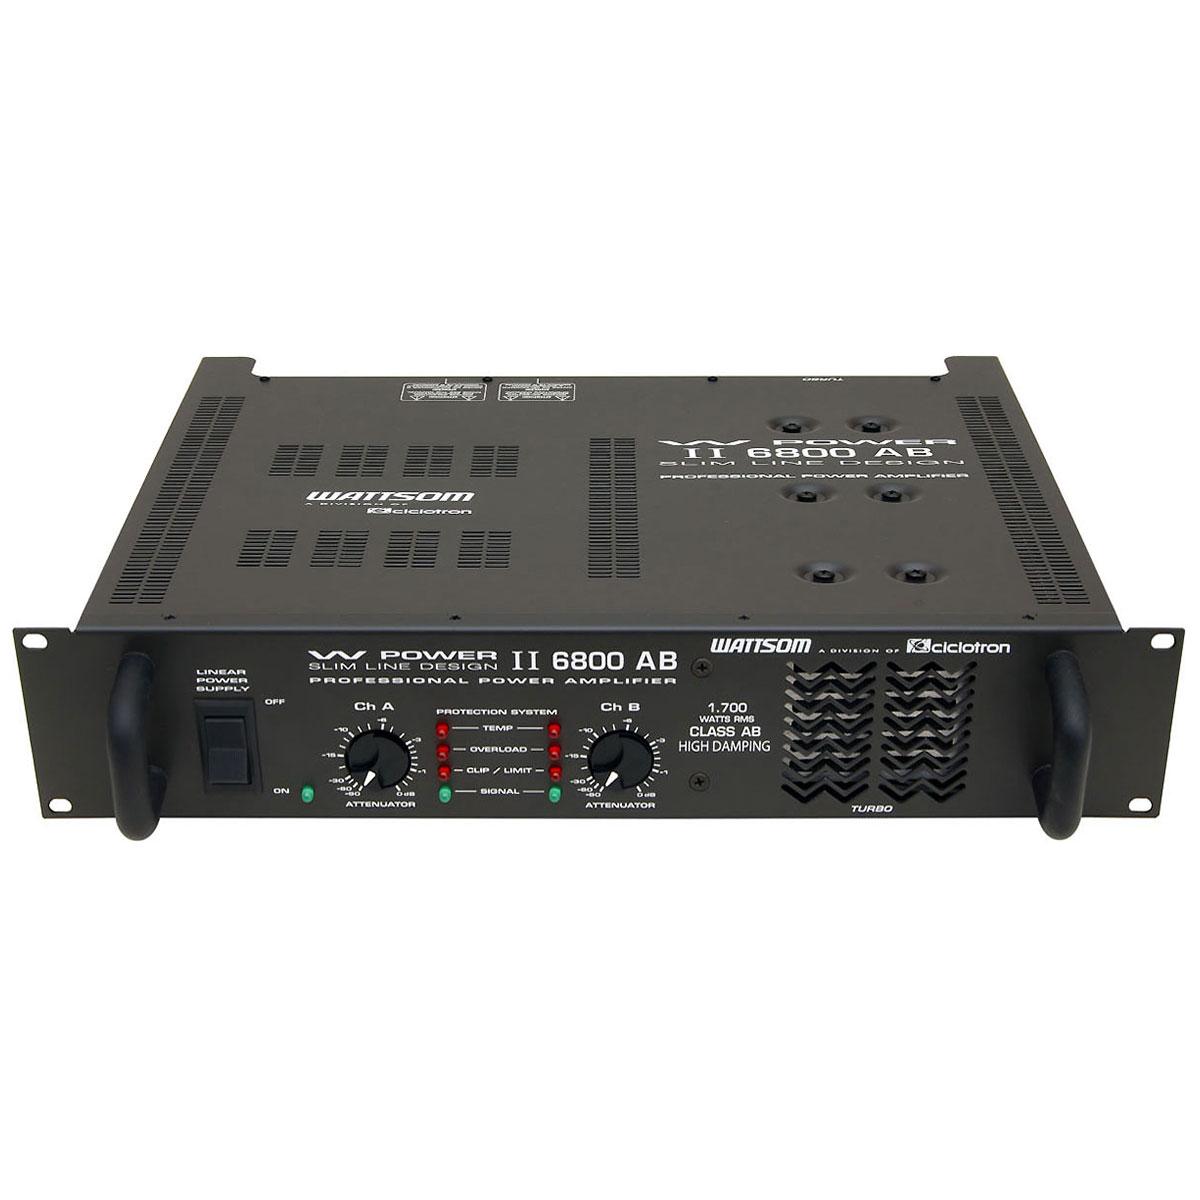 Amplificador Estéreo 2 Canais 1700W RMS ( Total ) W POWER II 6800 AB - Ciclotron